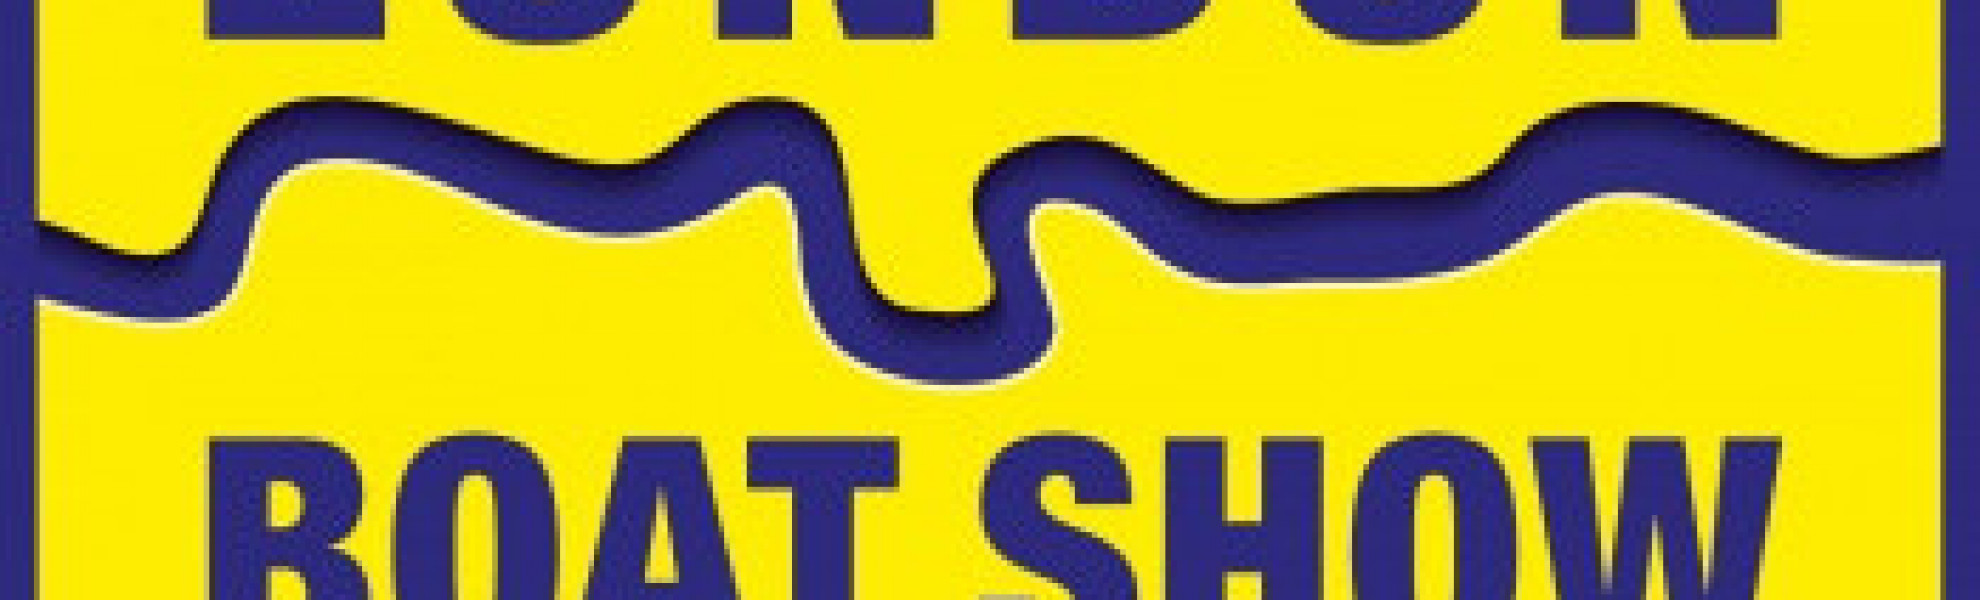 Salon de Londres 6-15 janvier 2012